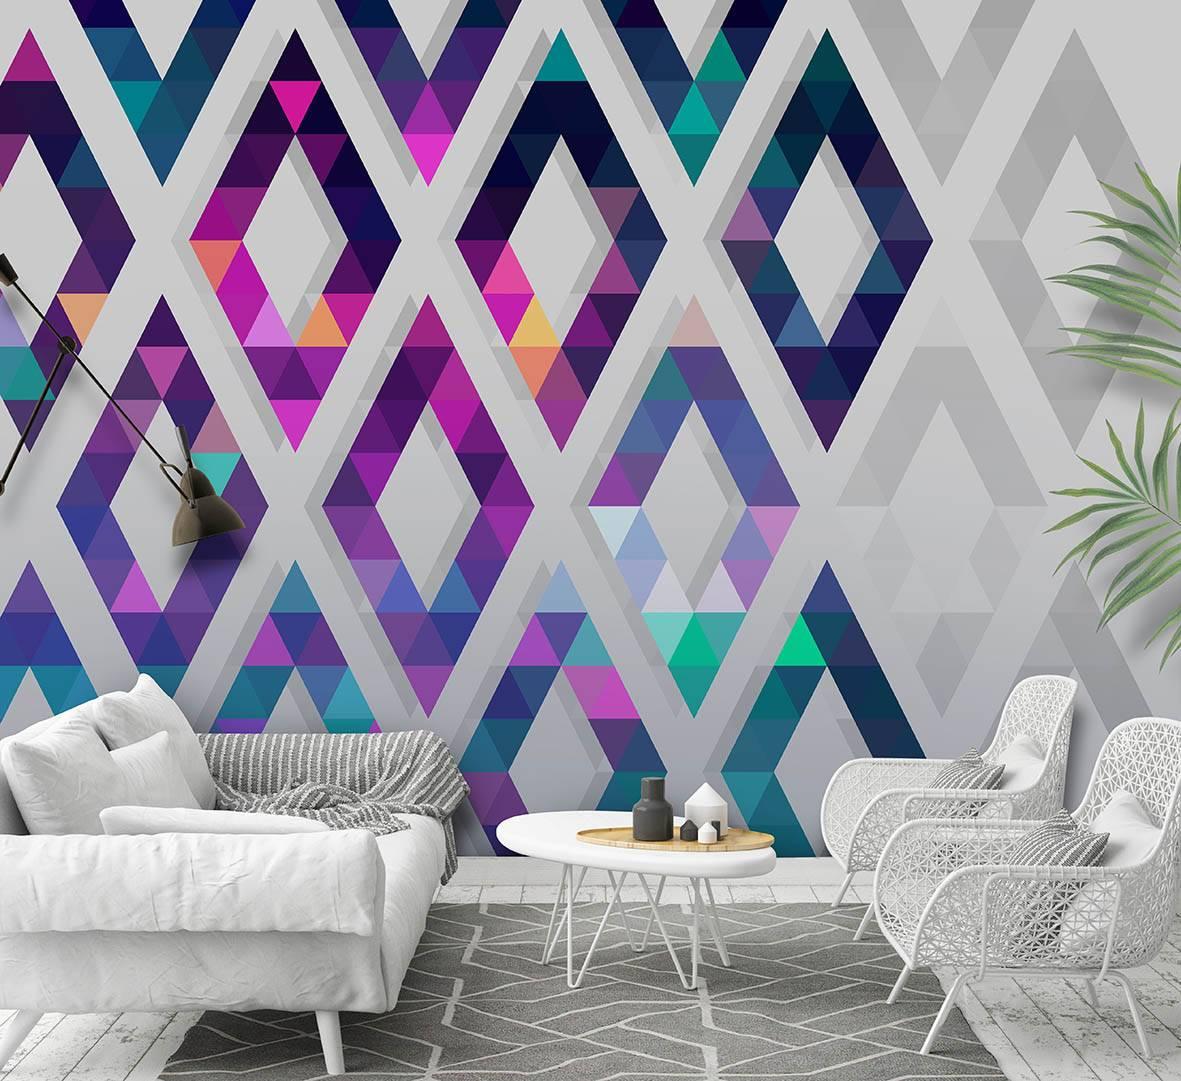 Обои с орнаментом: особенности, виды узоров, оформление комнат